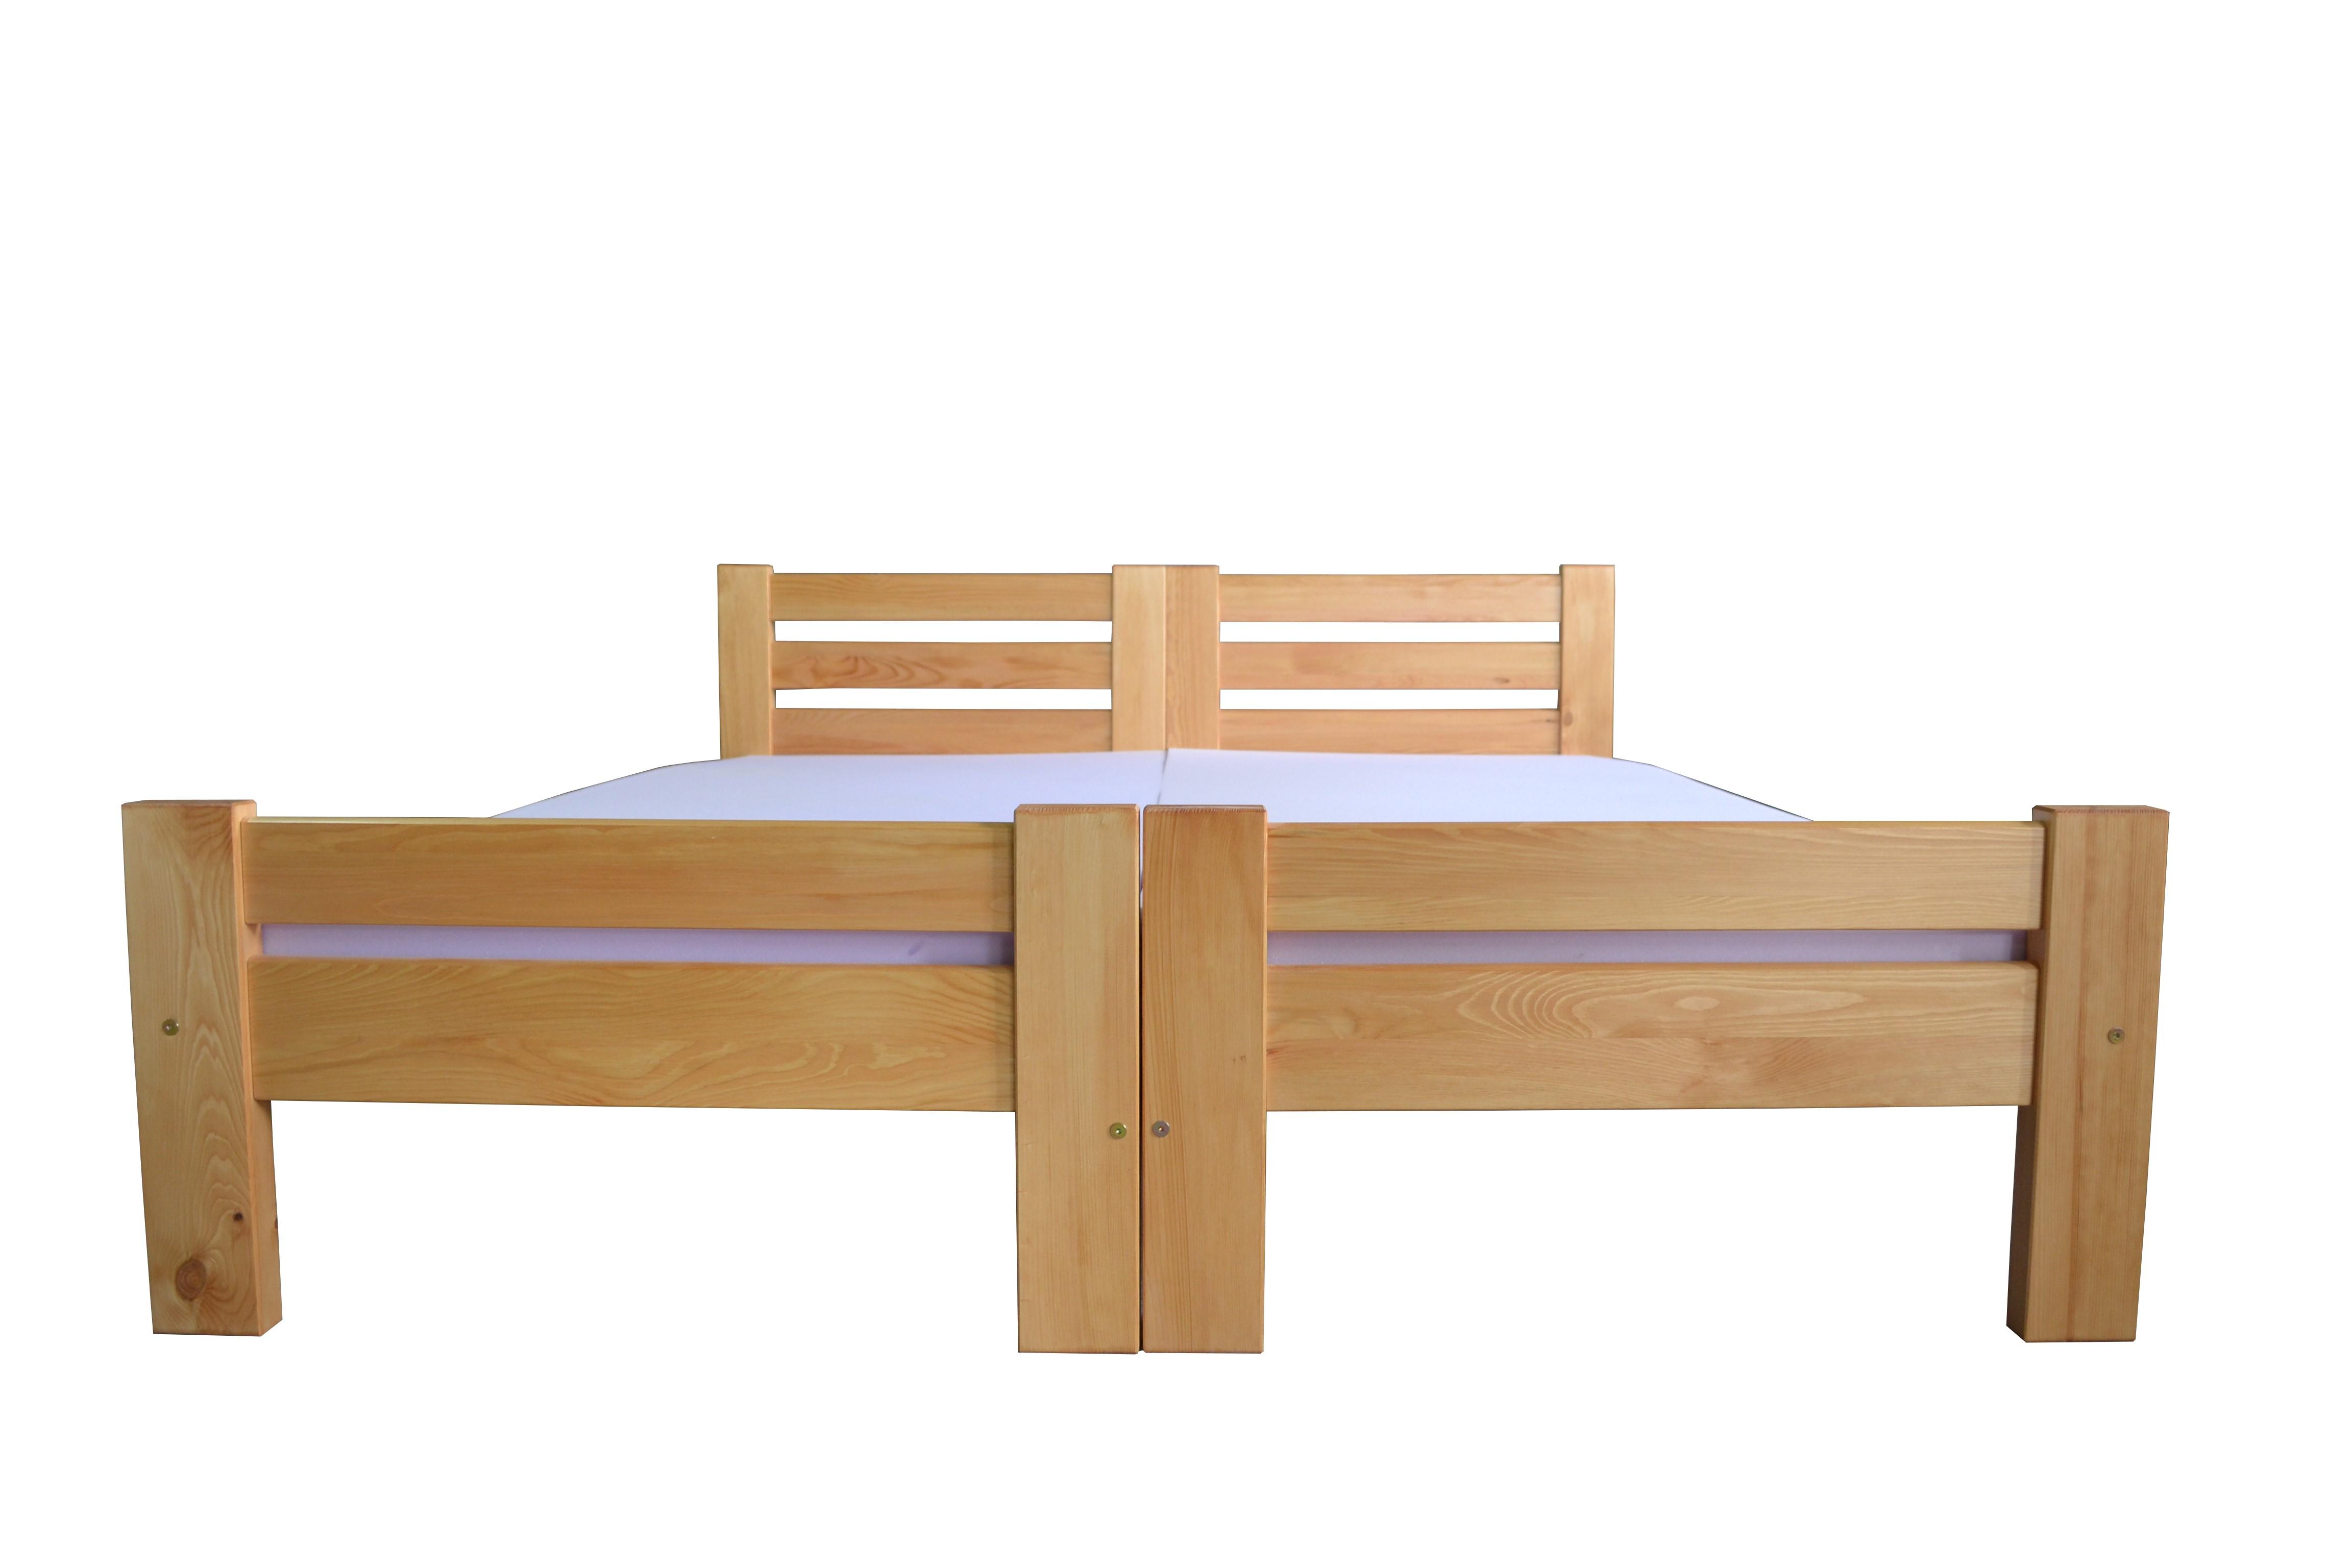 Drewniane łóżko Hotelowe łączone Roman